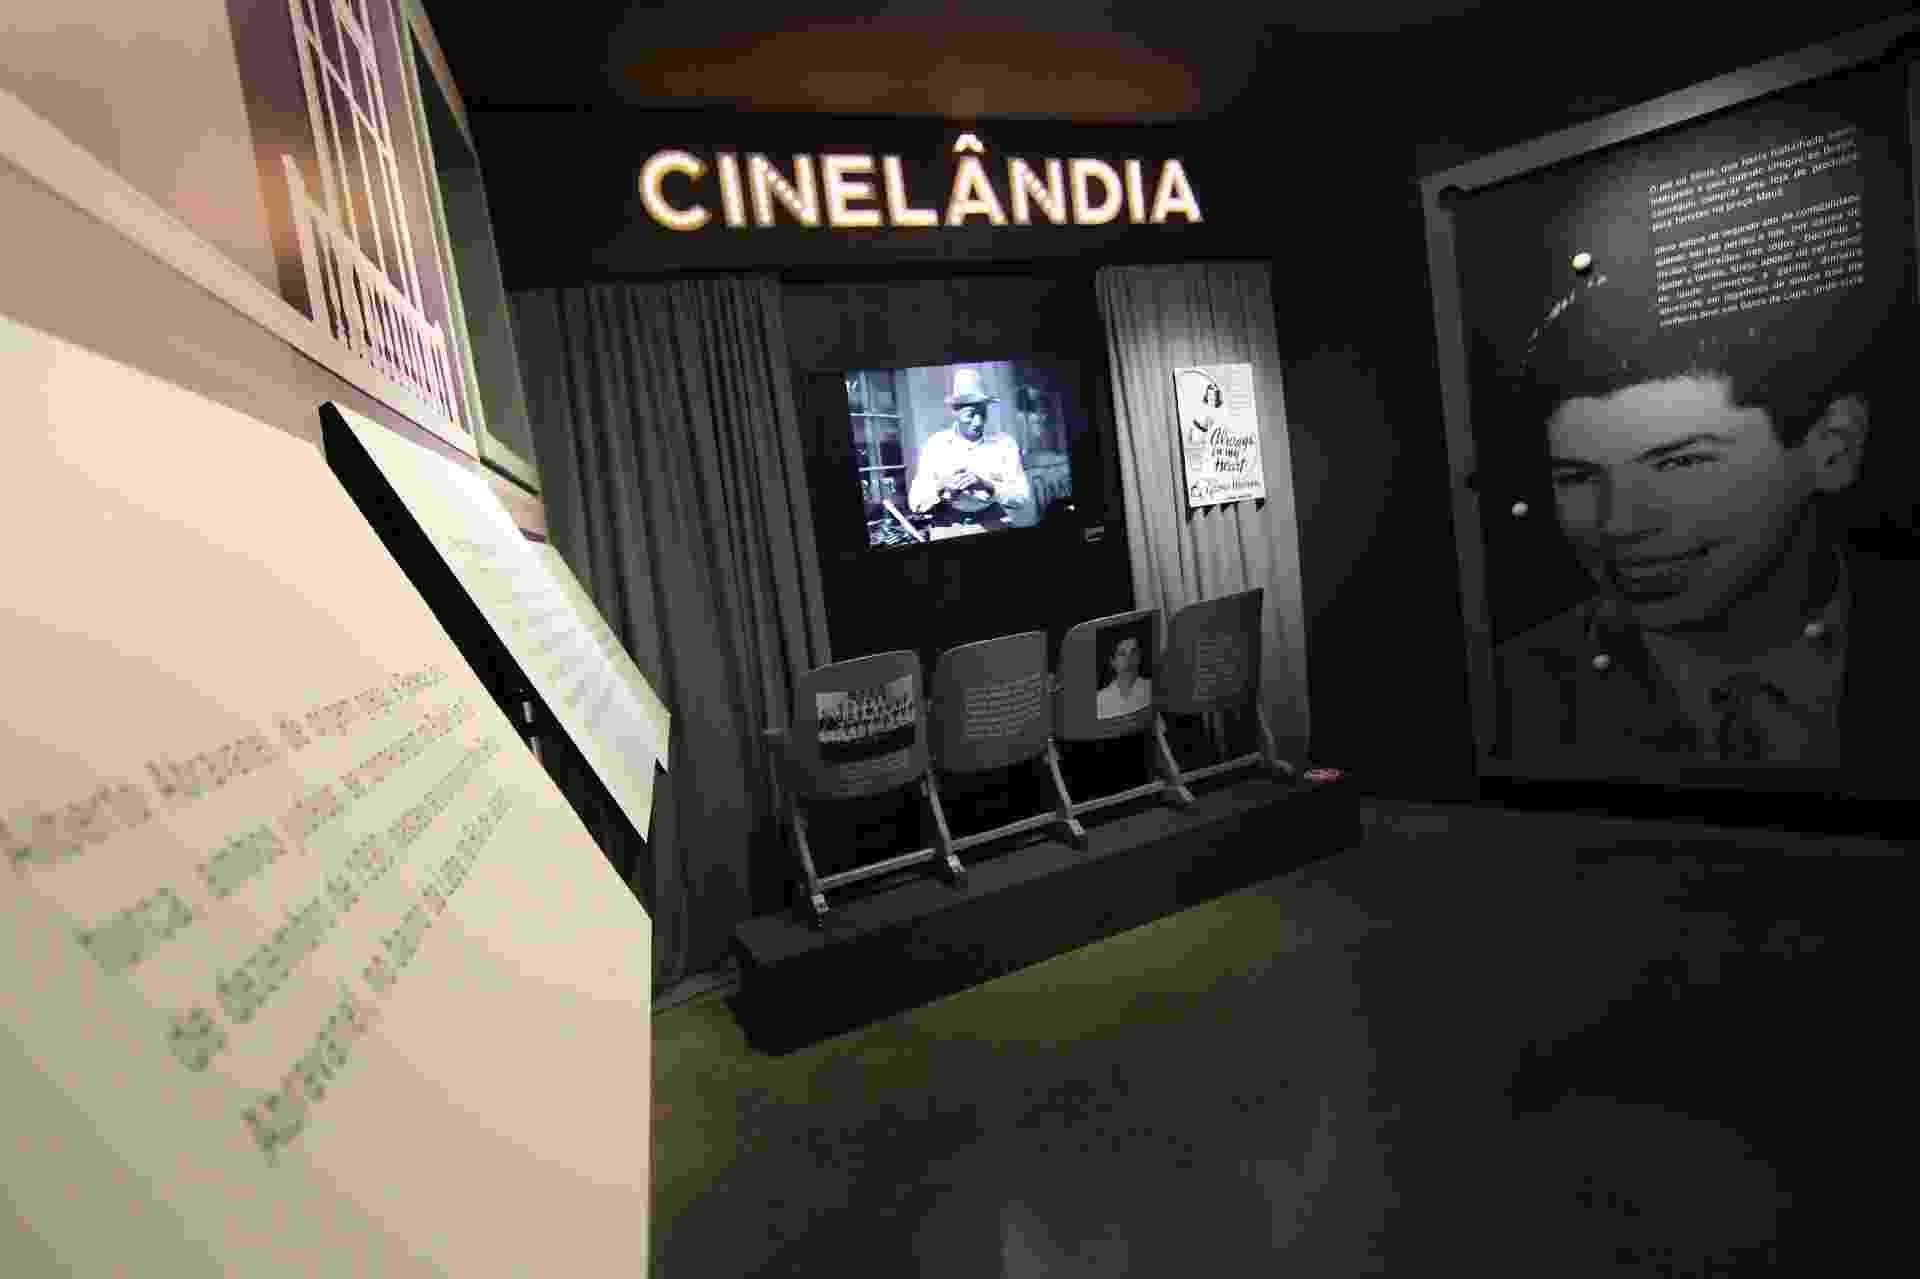 """Sala de cinema reproduz filme favorito de Silvio Santos na exposição """"Silvio Santos Vem Aí"""", no MIS (Museu da Imagem e do Som), em São Paulo - Júnior Lago/UOL"""